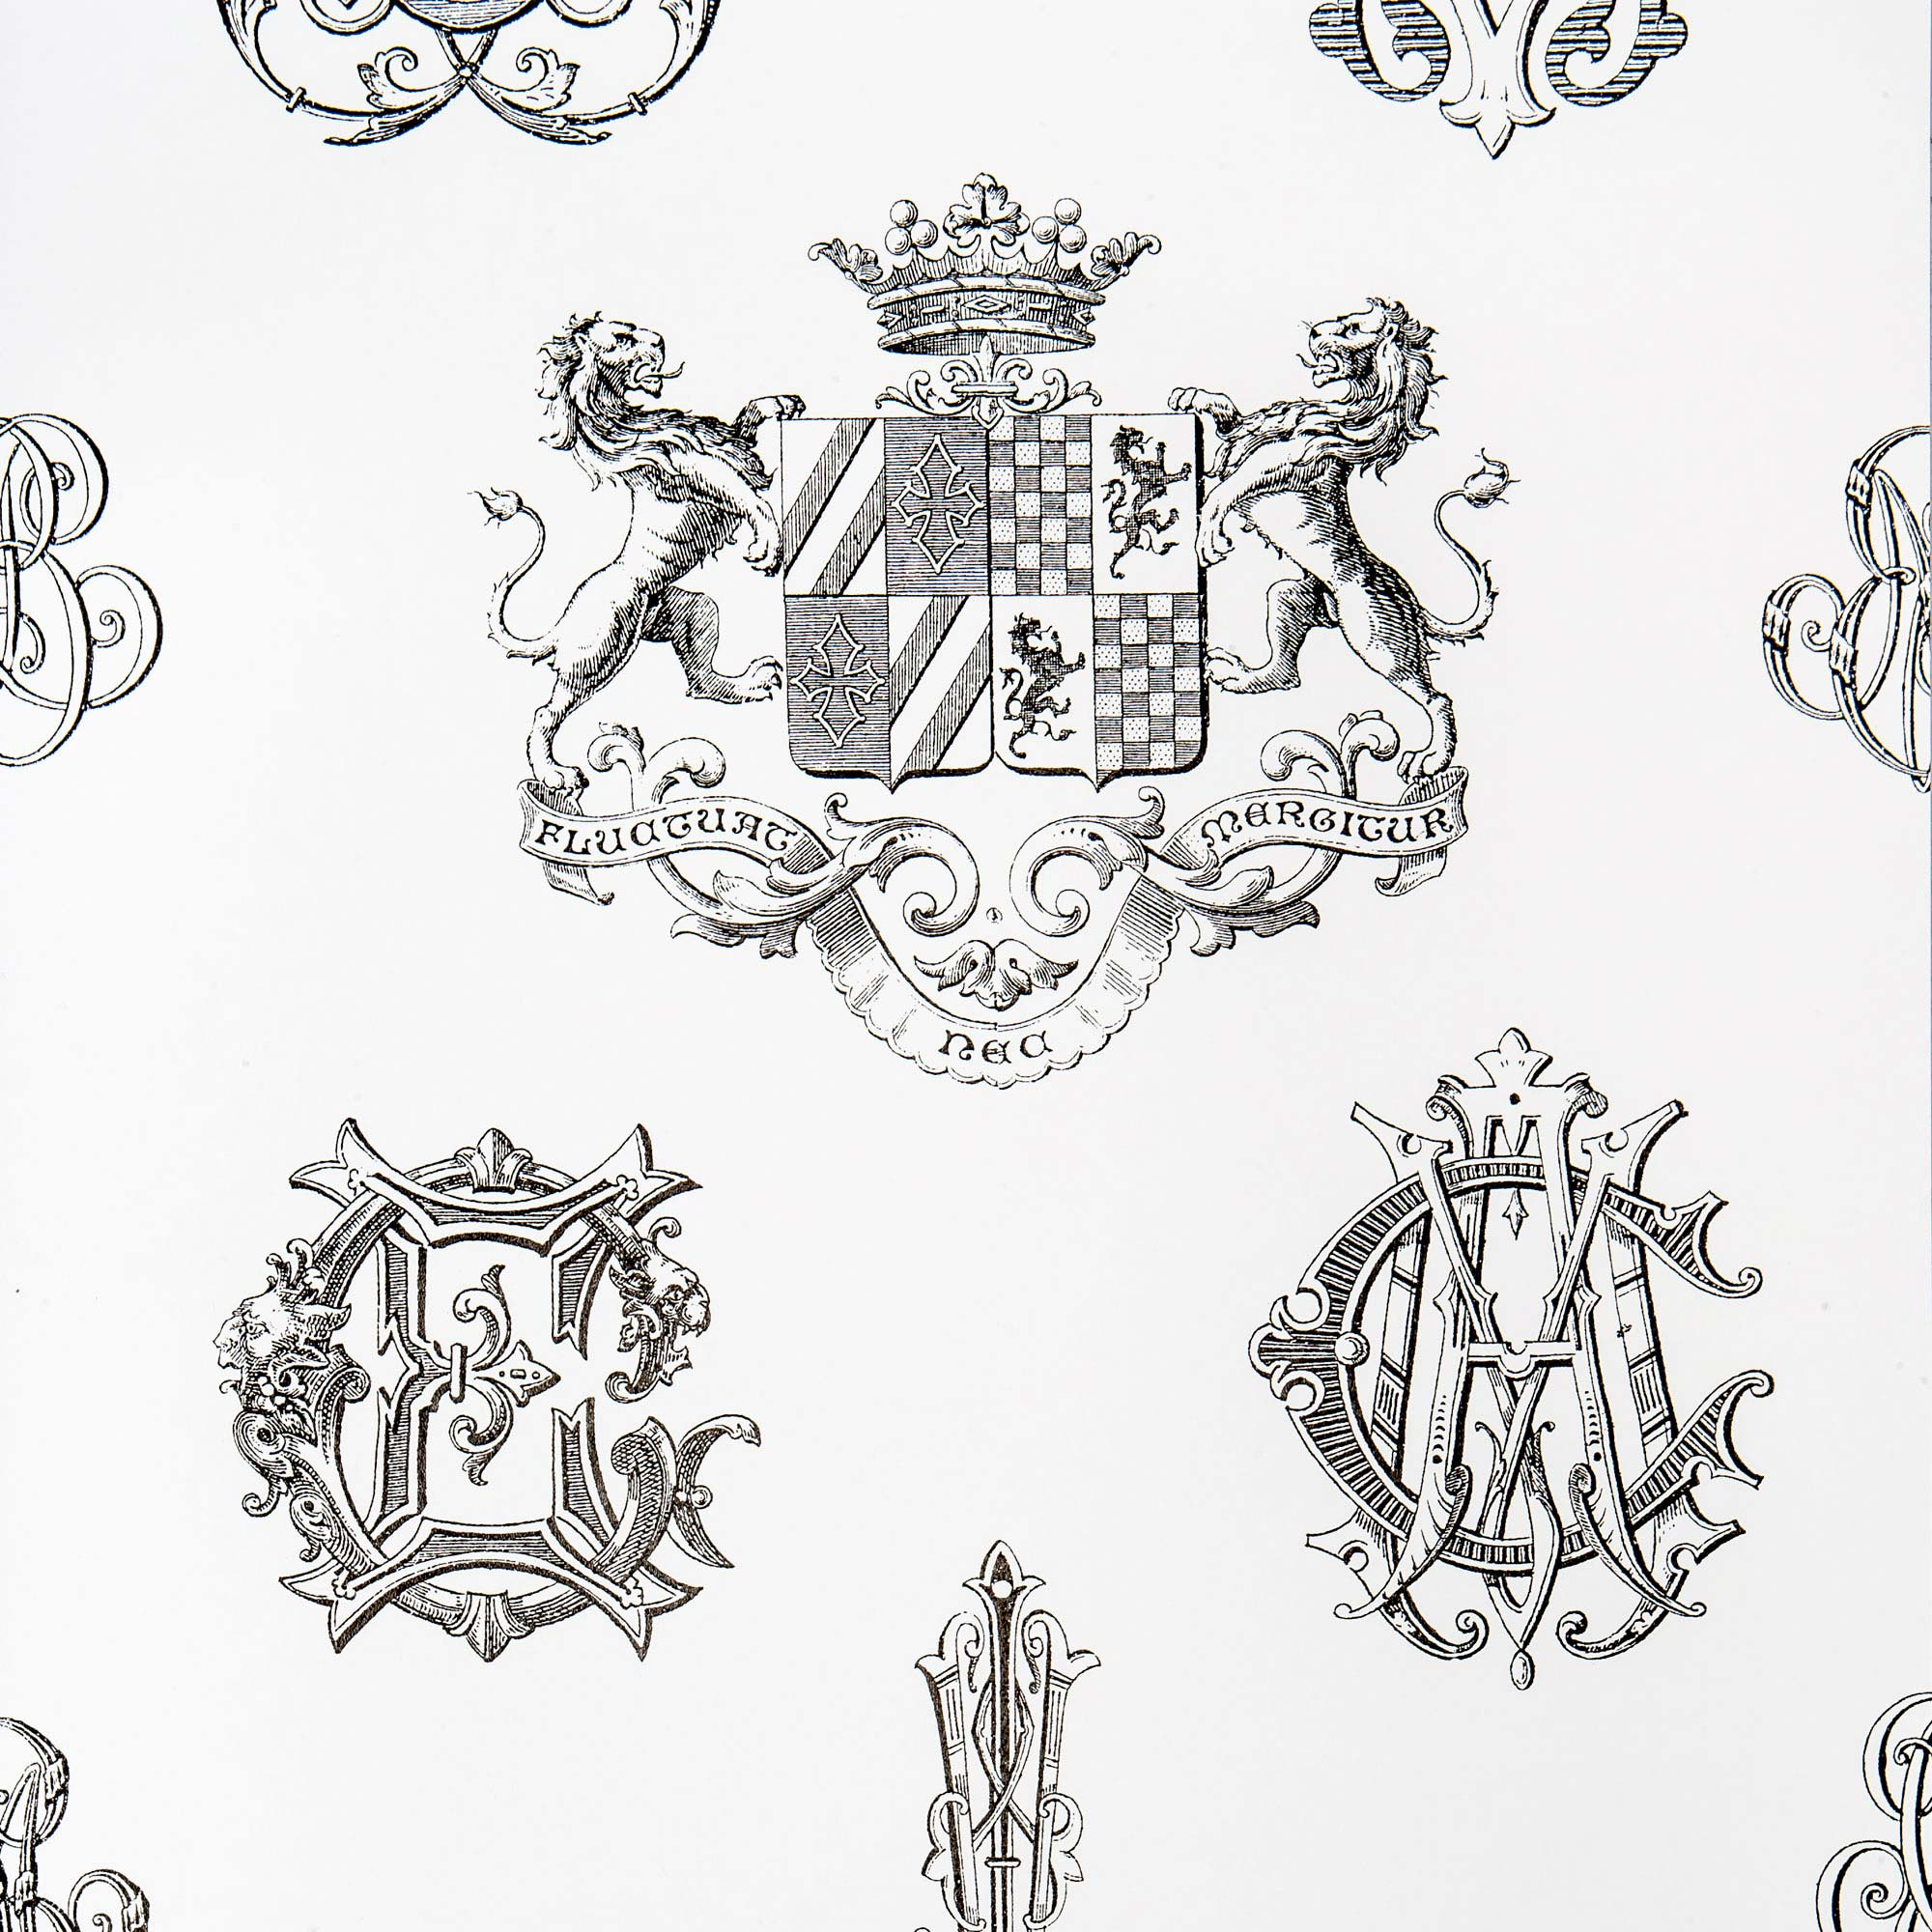 Gaston y daniela heraldica gdw 5107 001 - Gaston y daniela ...